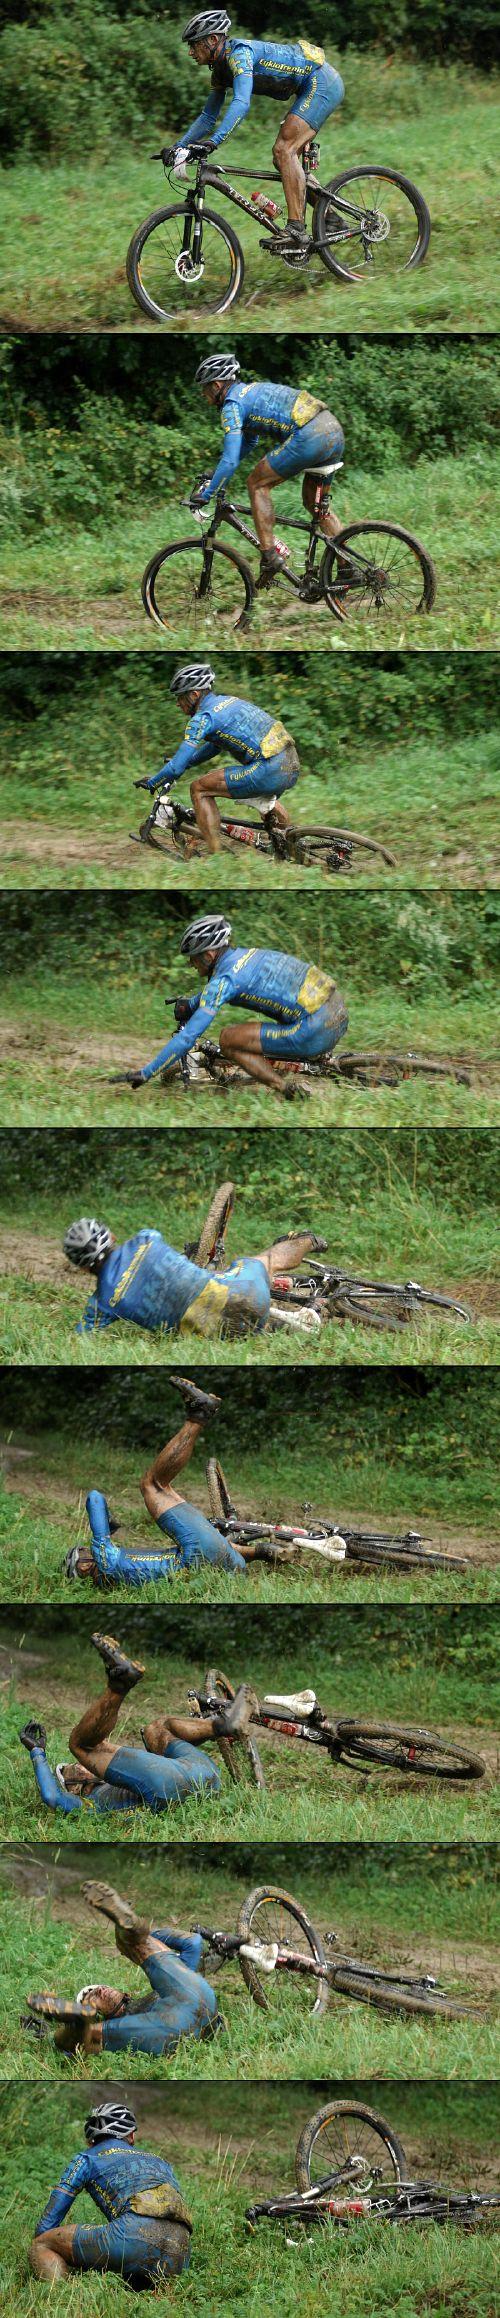 ČP XCM #5 2008 - Giant eXtreme Bike Brdy: Honza Hruška neměl vítězství vůbec snadné...